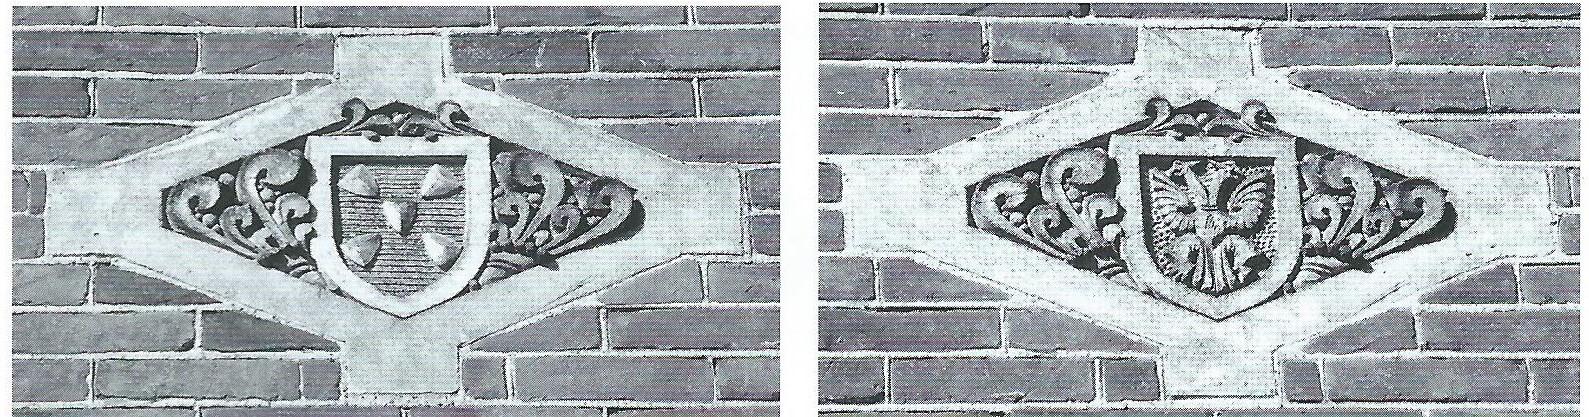 Links gevelsteen met wapen van Bussum in het oude bibliotheekgebouw, rechts op de gevel boven de ingang. Rechts: gevelsteen met gemeentewapen van Naarden, links op de gevel boven ingang (coll. Historische Kring Bussum)